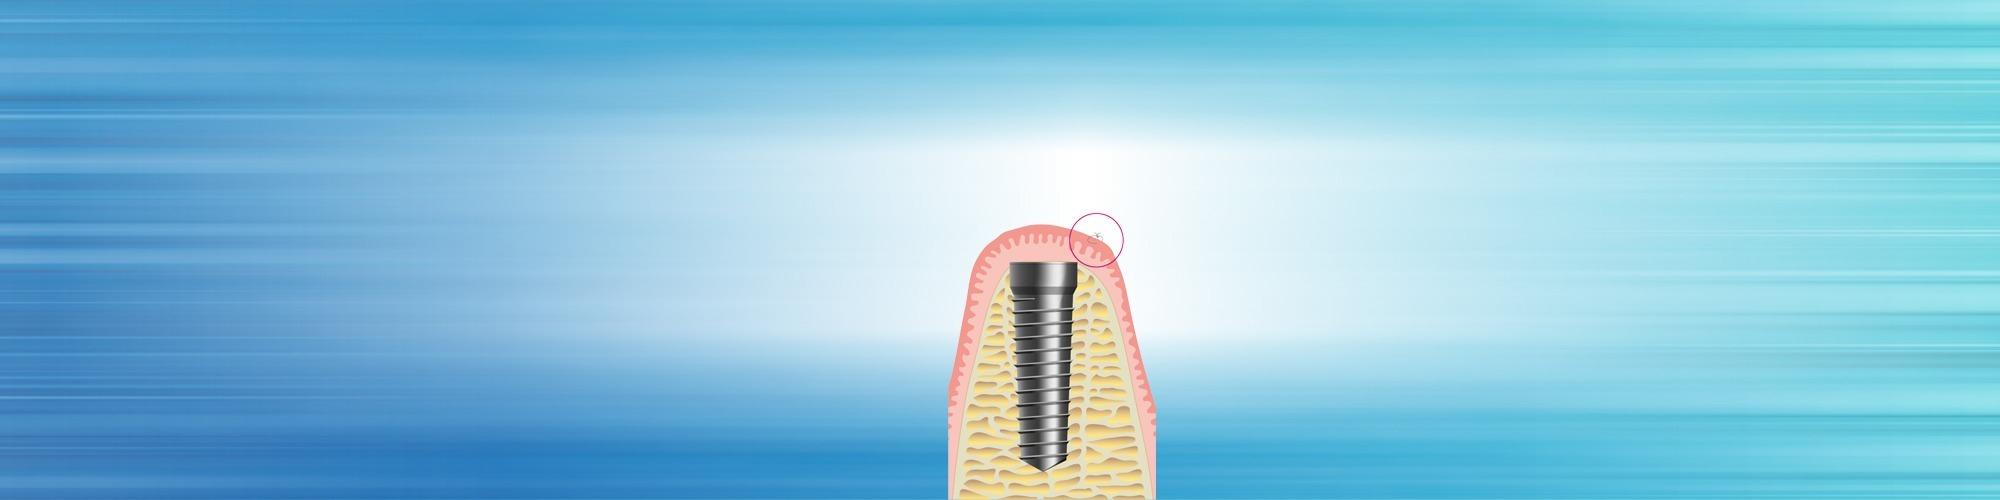 zahnimplantate schritt 2